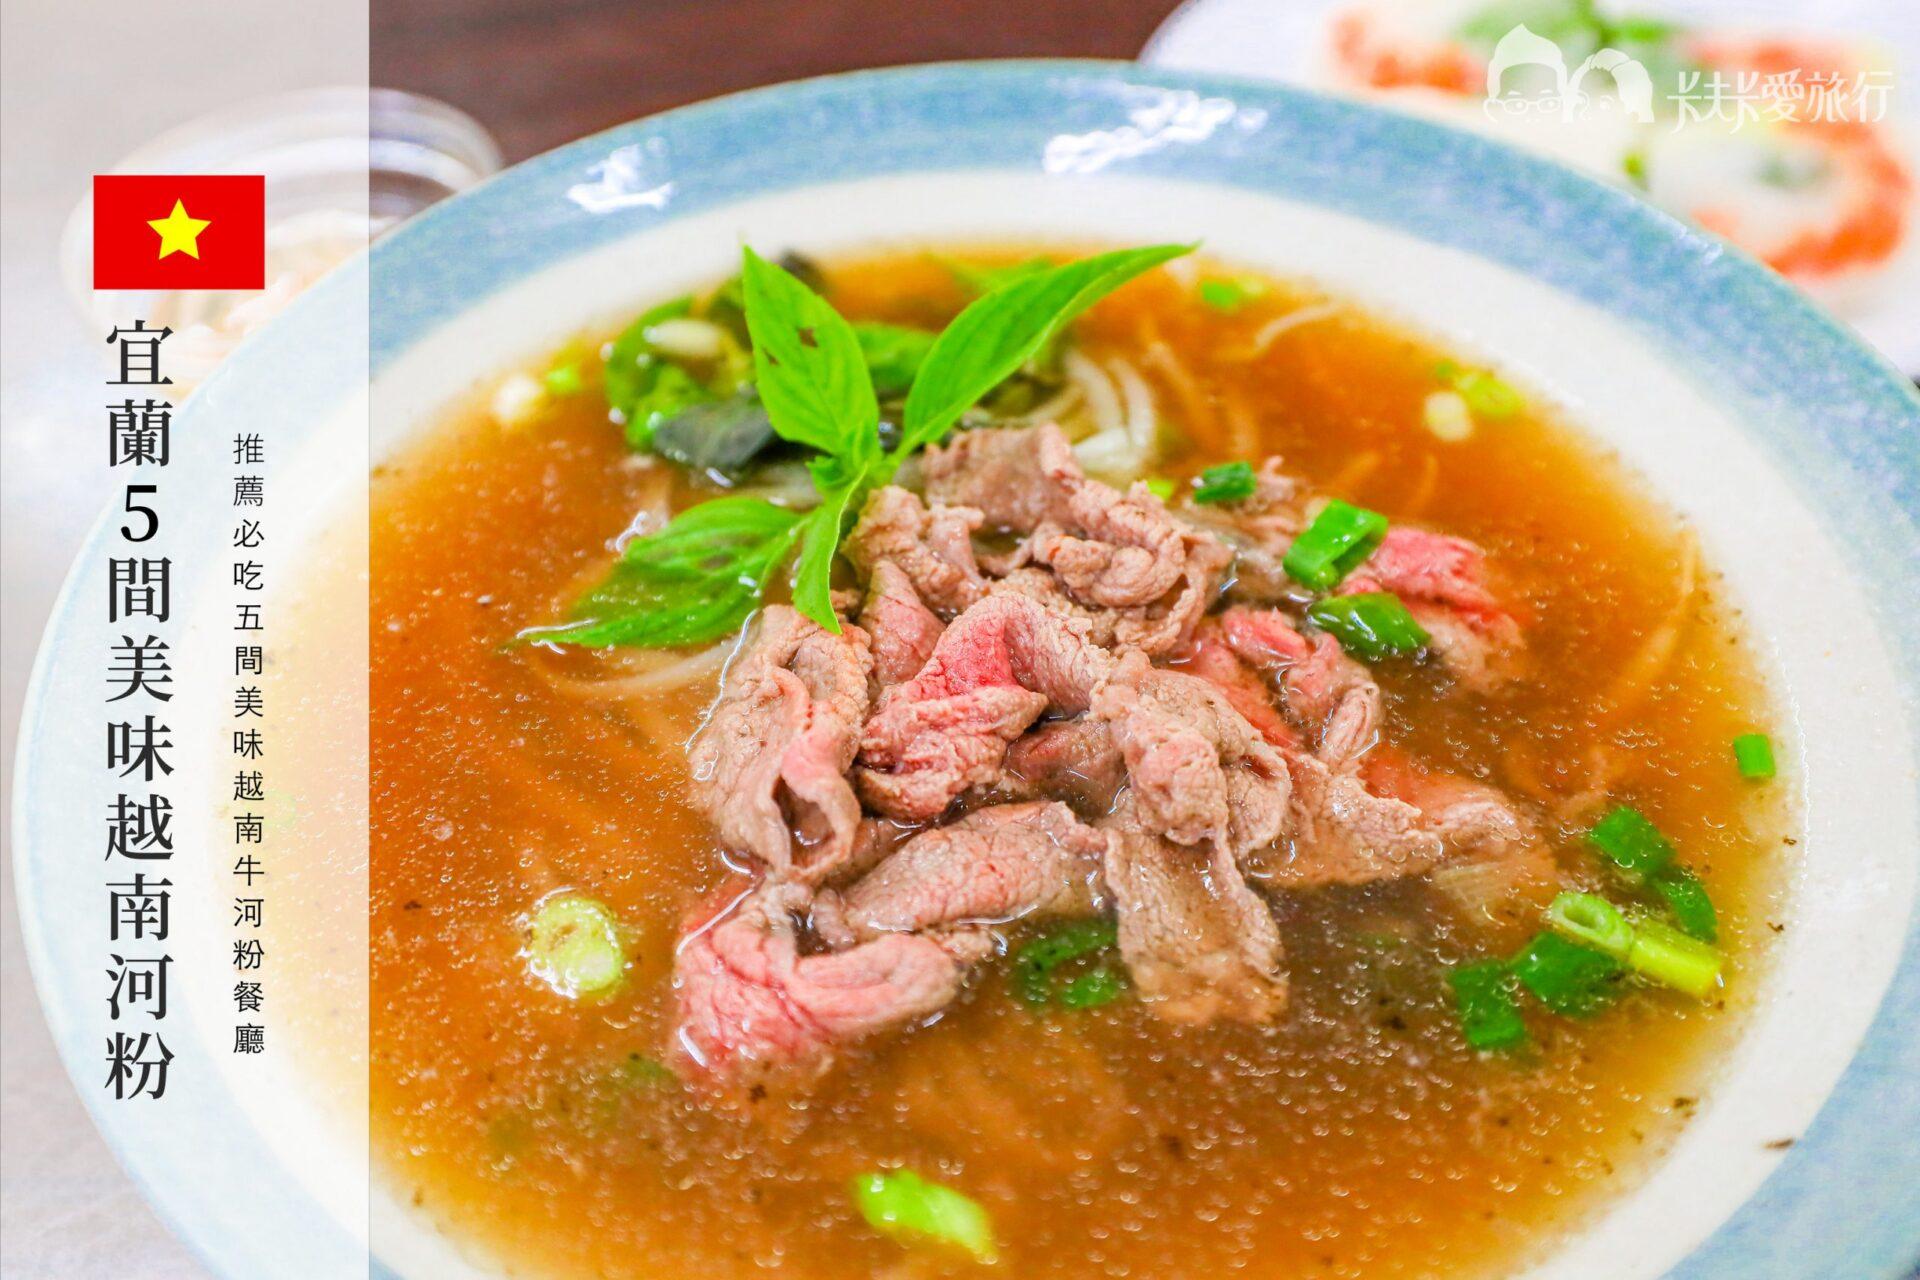 宜蘭越式料理推薦|最美味的5間宜蘭越南牛肉河粉餐廳|搭配春捲法國麵包超對味